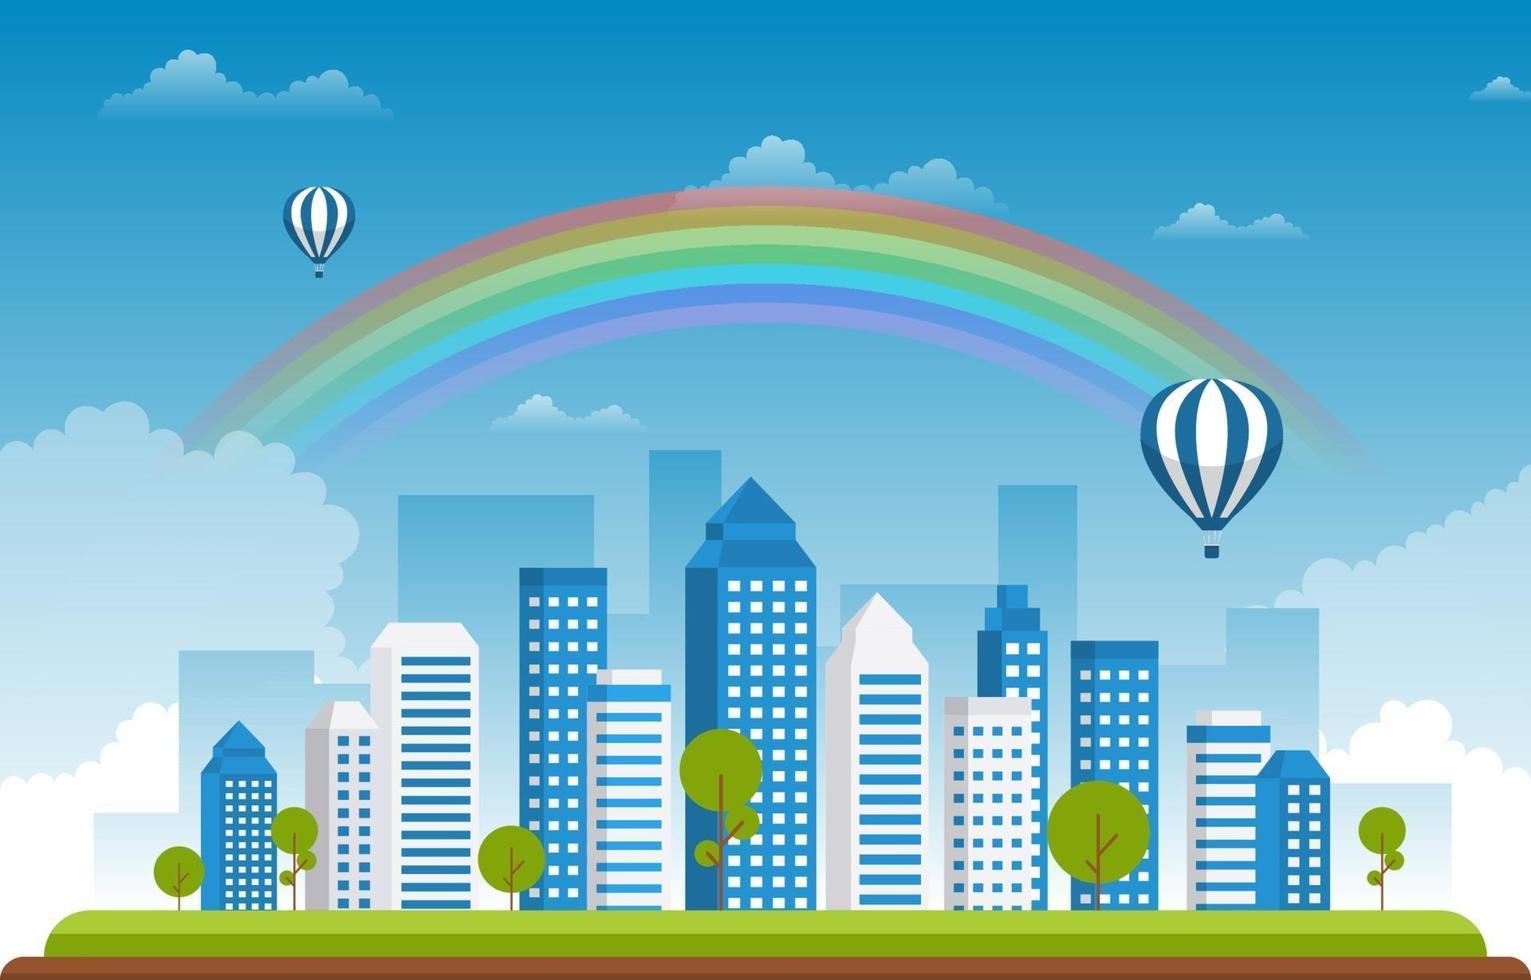 bella illustrazione del paesaggio urbano di estate della città dell'arcobaleno vettore